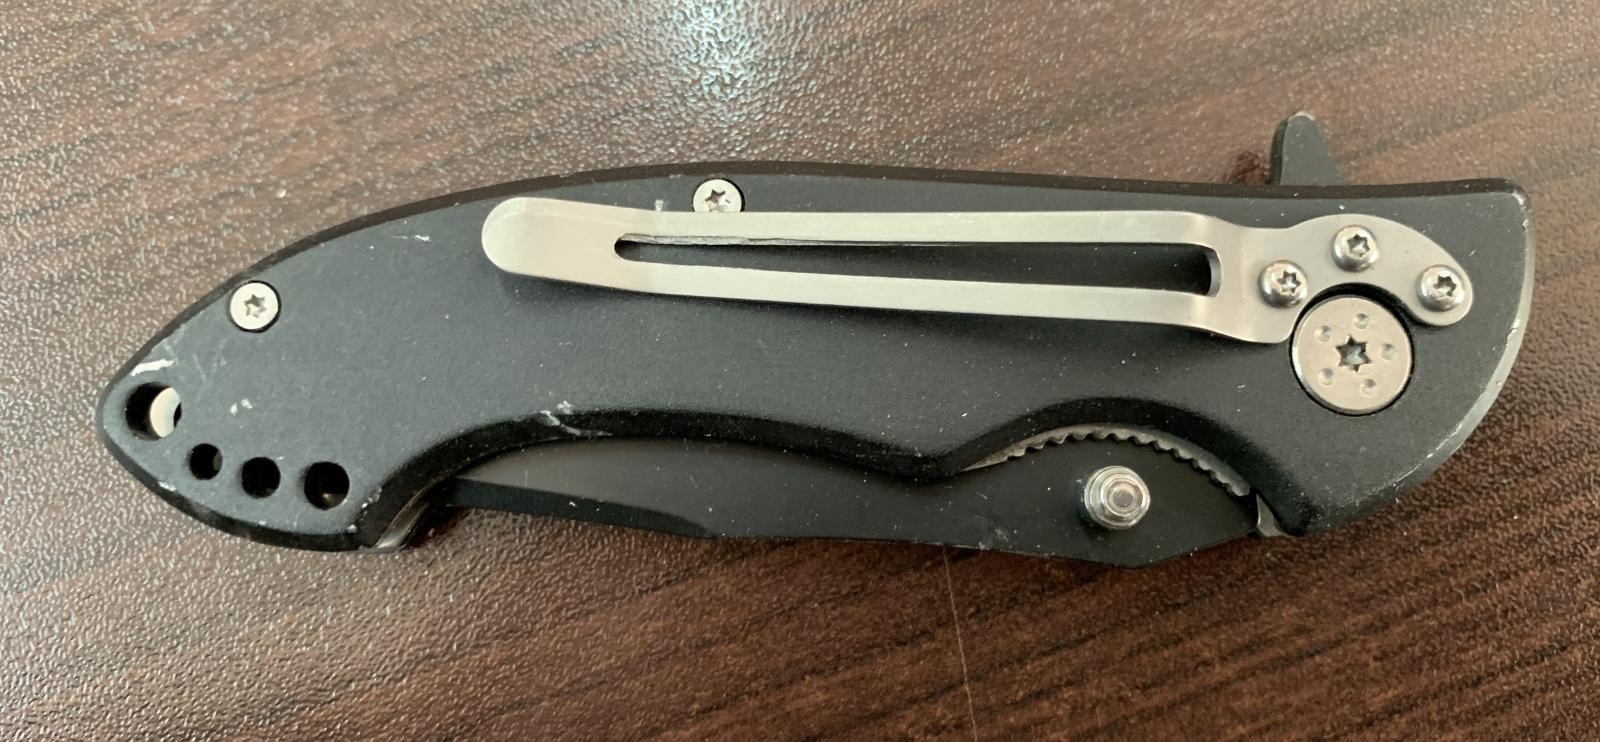 Складной нож с огненным рисунком на лезвии